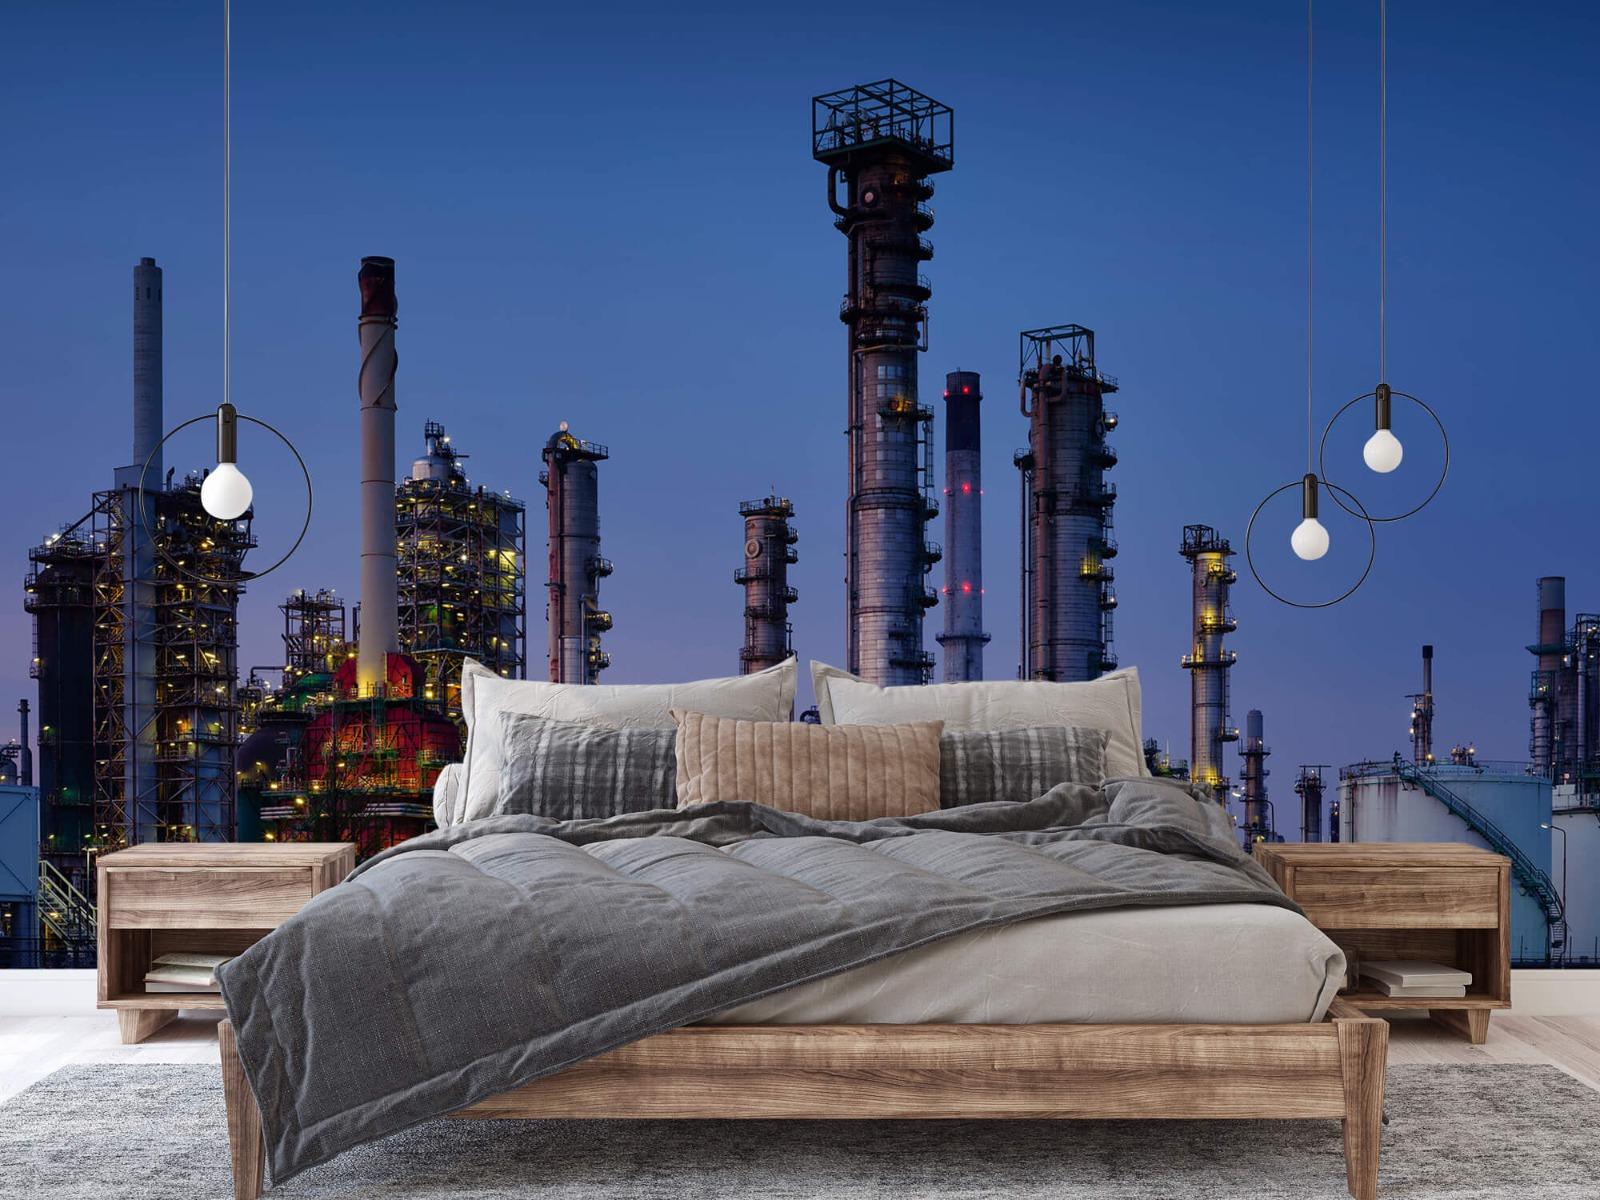 Steden behang - Industrie Botlek - Hobbykamer 1